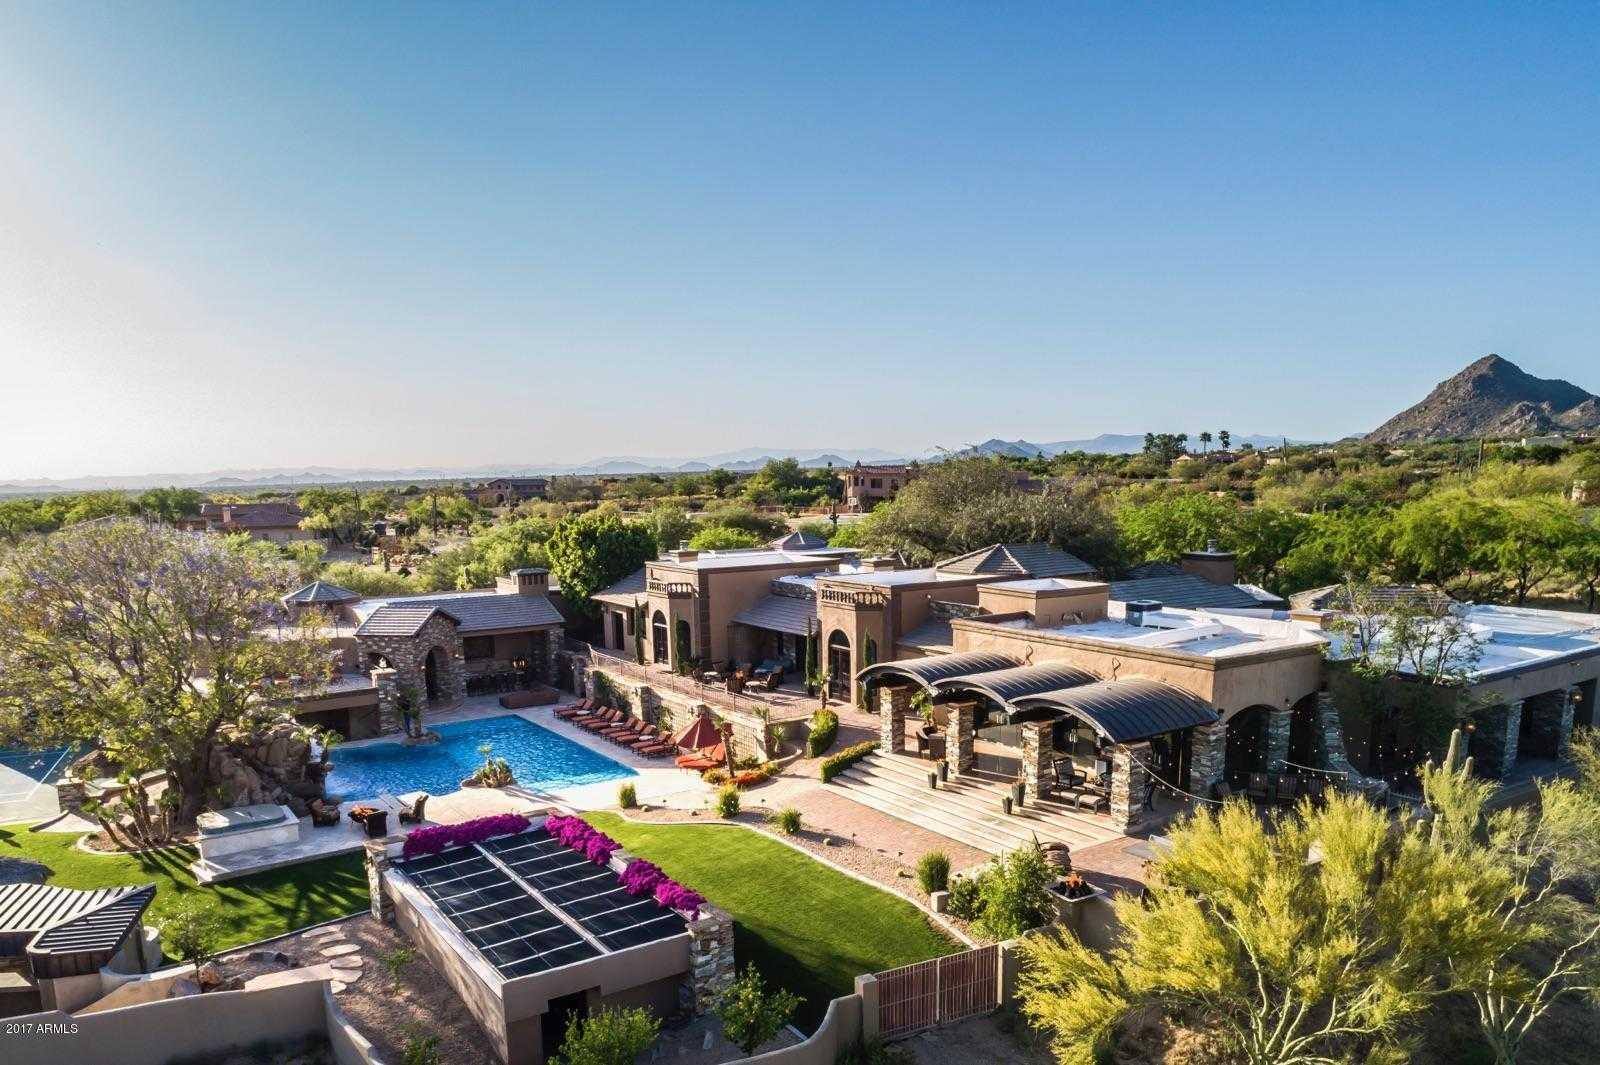 $7,995,000 - 7Br/10Ba - Home for Sale in Pinnacle Peak Heights Unit 6, Scottsdale